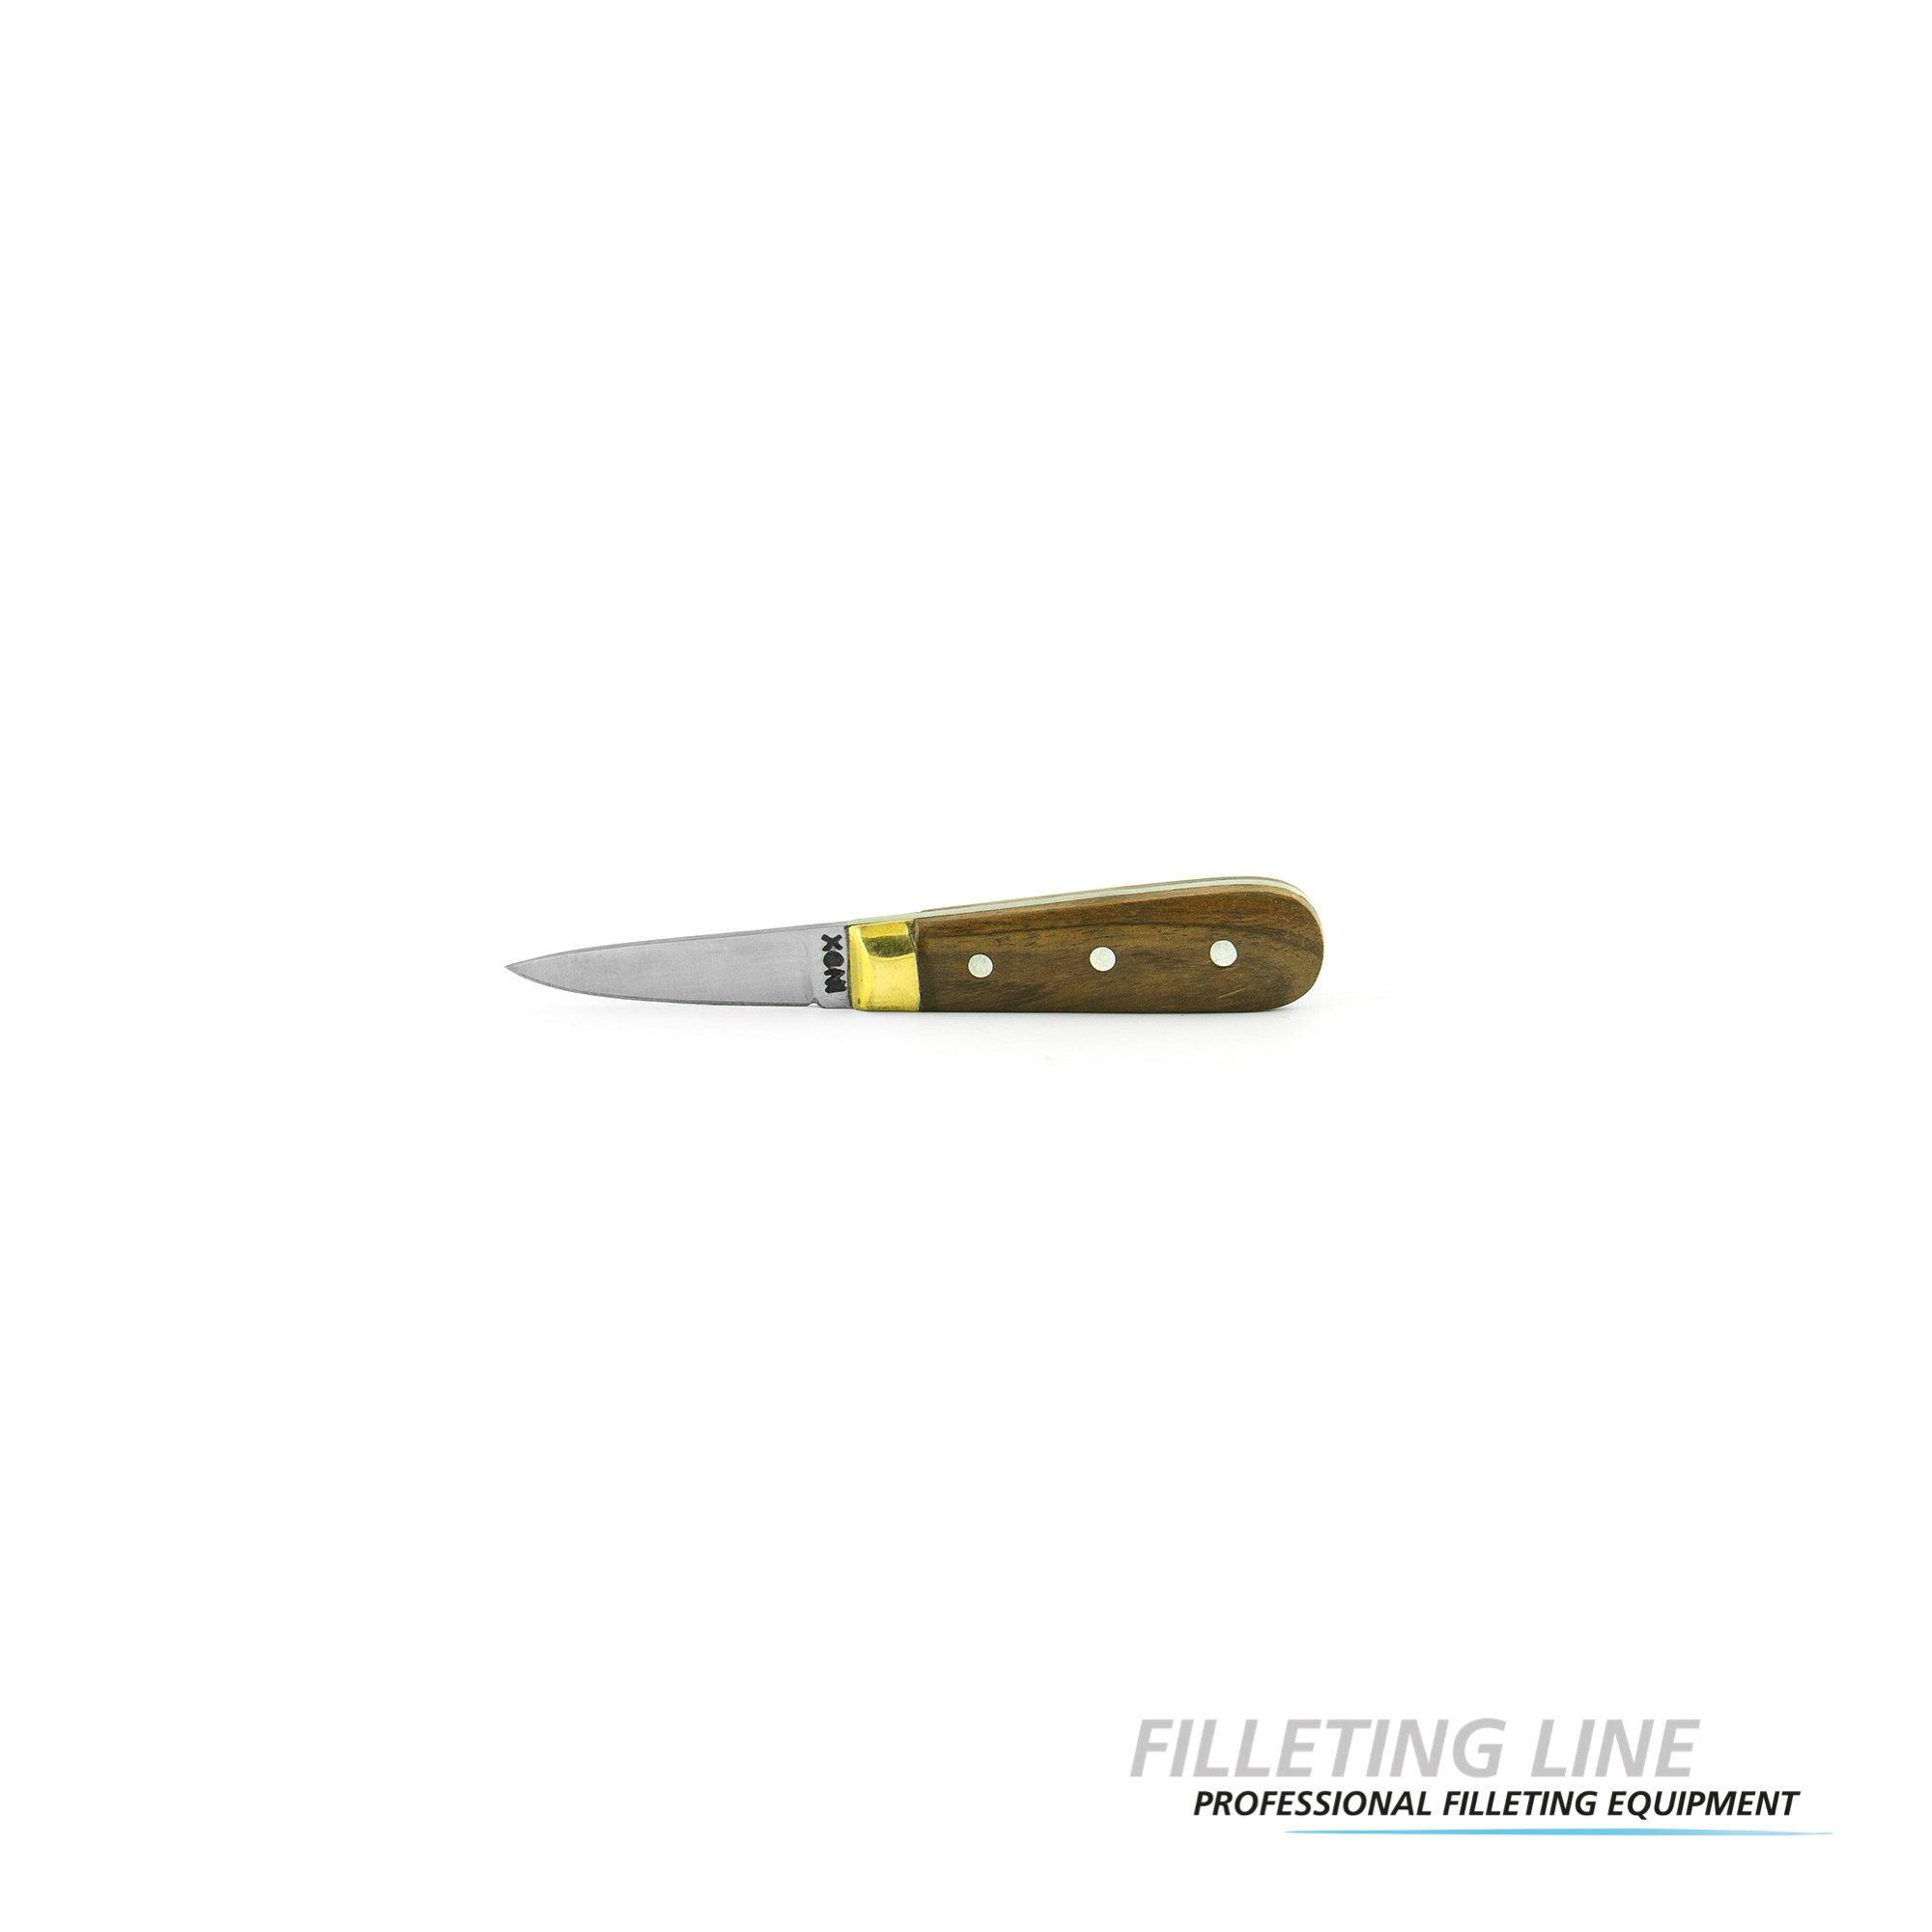 FILLETING LINE_2000x2000_RECHT_logo-26